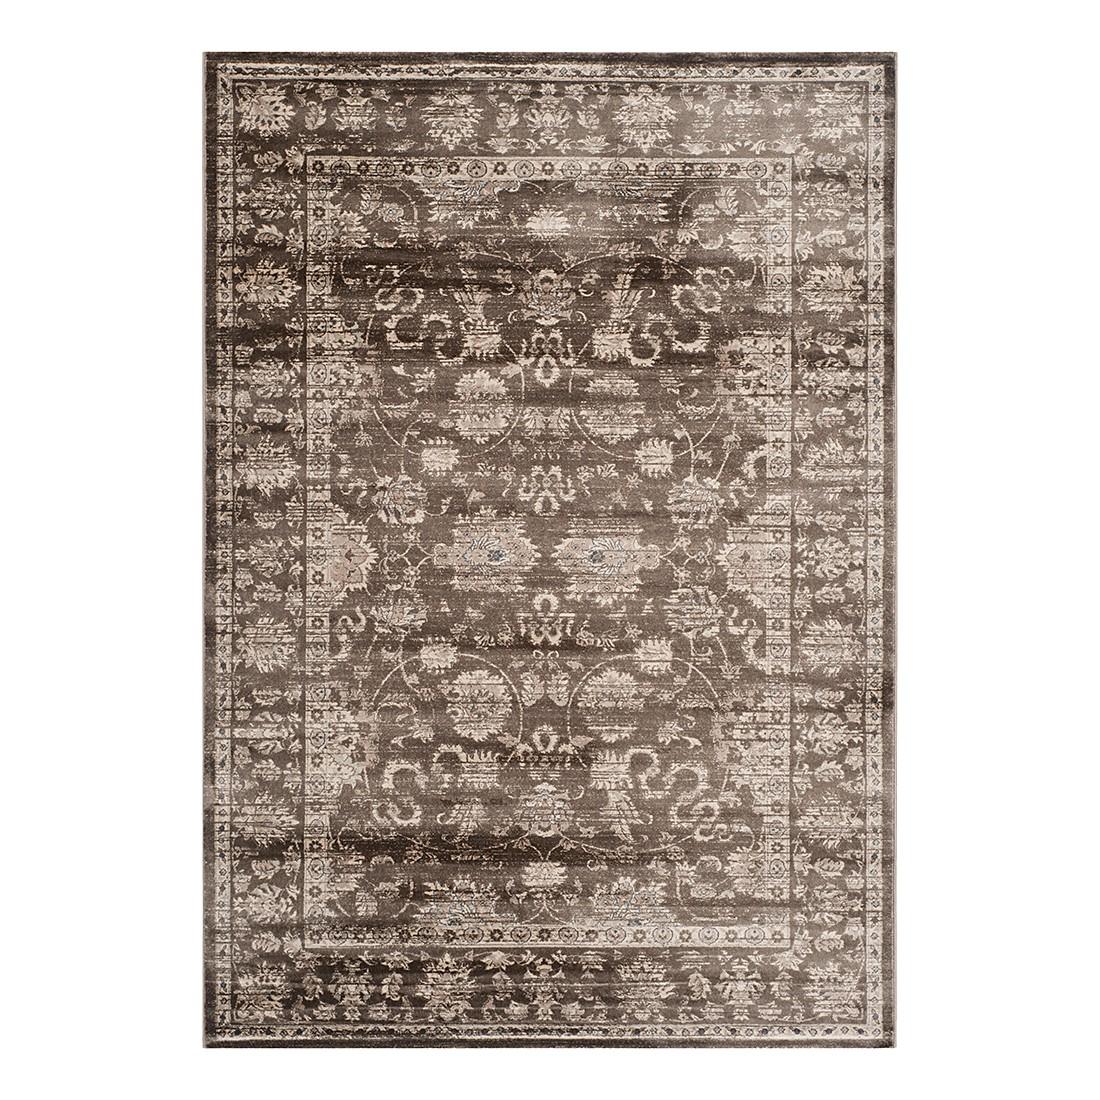 Teppich Sarcelles Vintage – Braun/Creme – Maße: 154 x 231 cm, Safavieh günstig kaufen